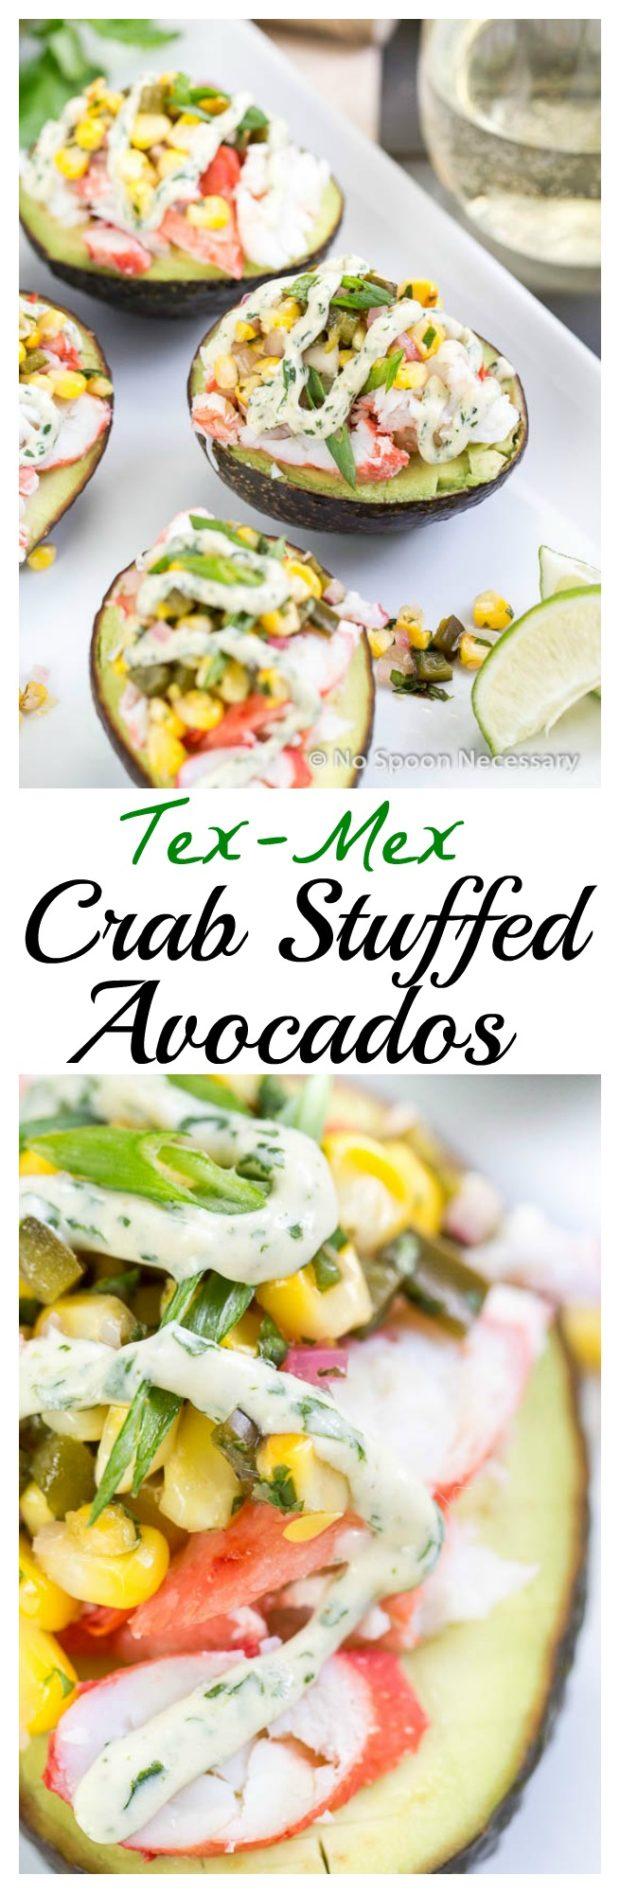 Tex Mex Crab Stuffed Avocados